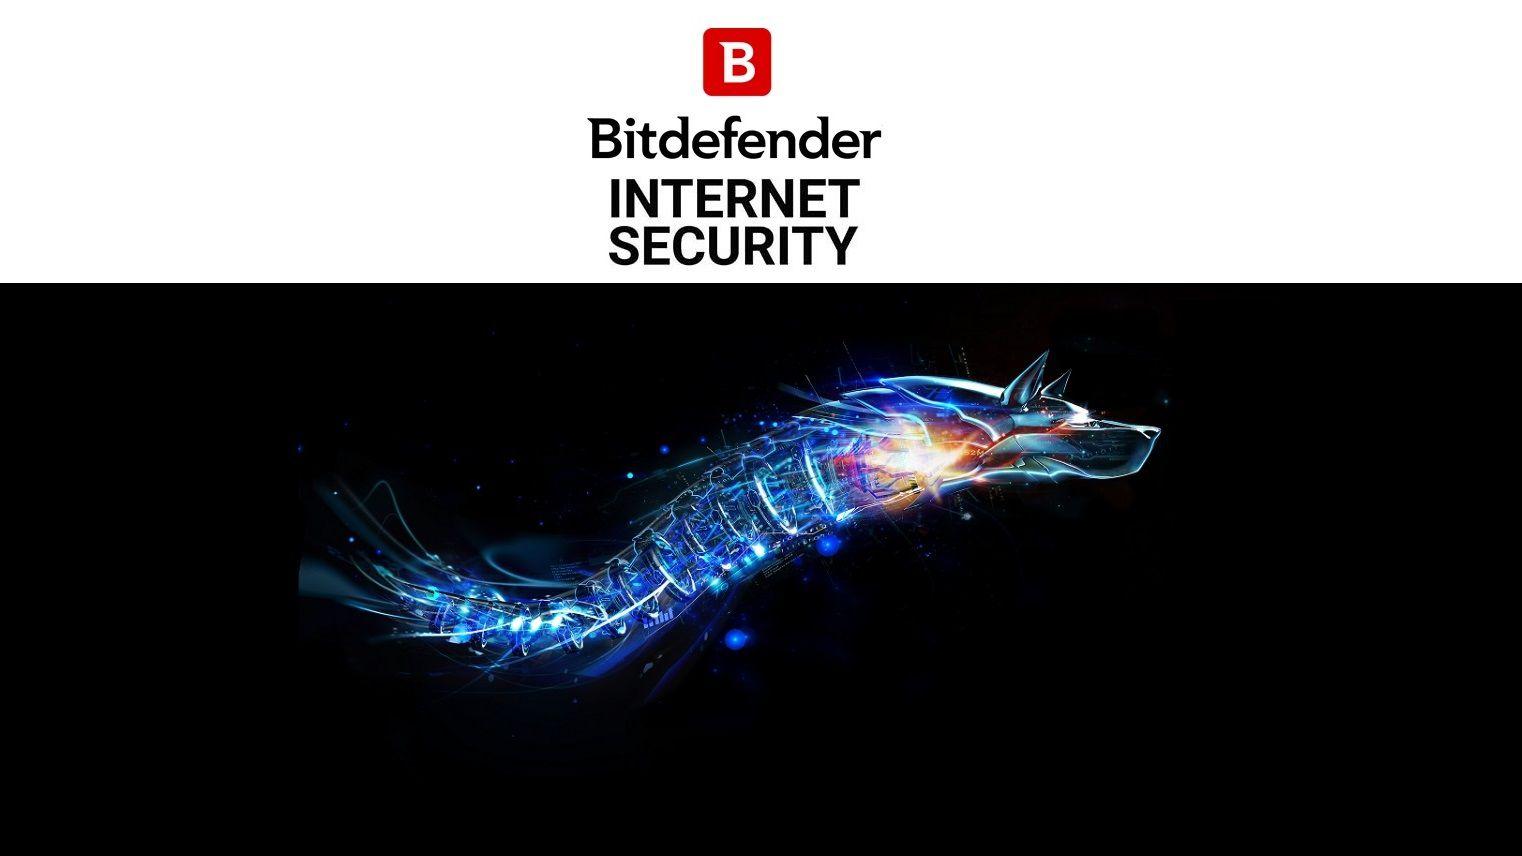 Recensione Bitdefender Internet Security: protezione completa per il tuo PC